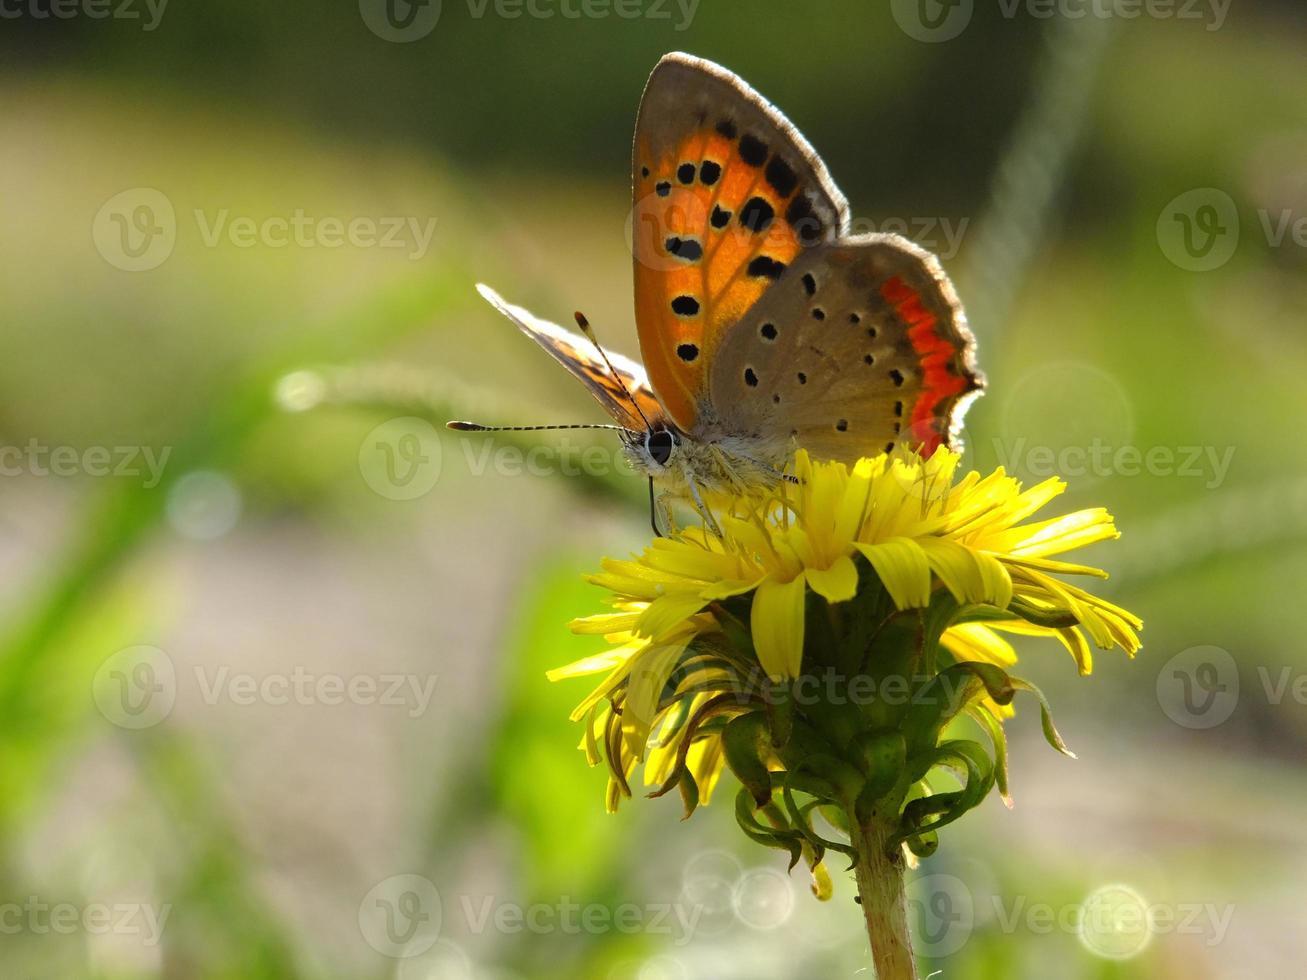 vlindertje op het achterlicht # 7 foto